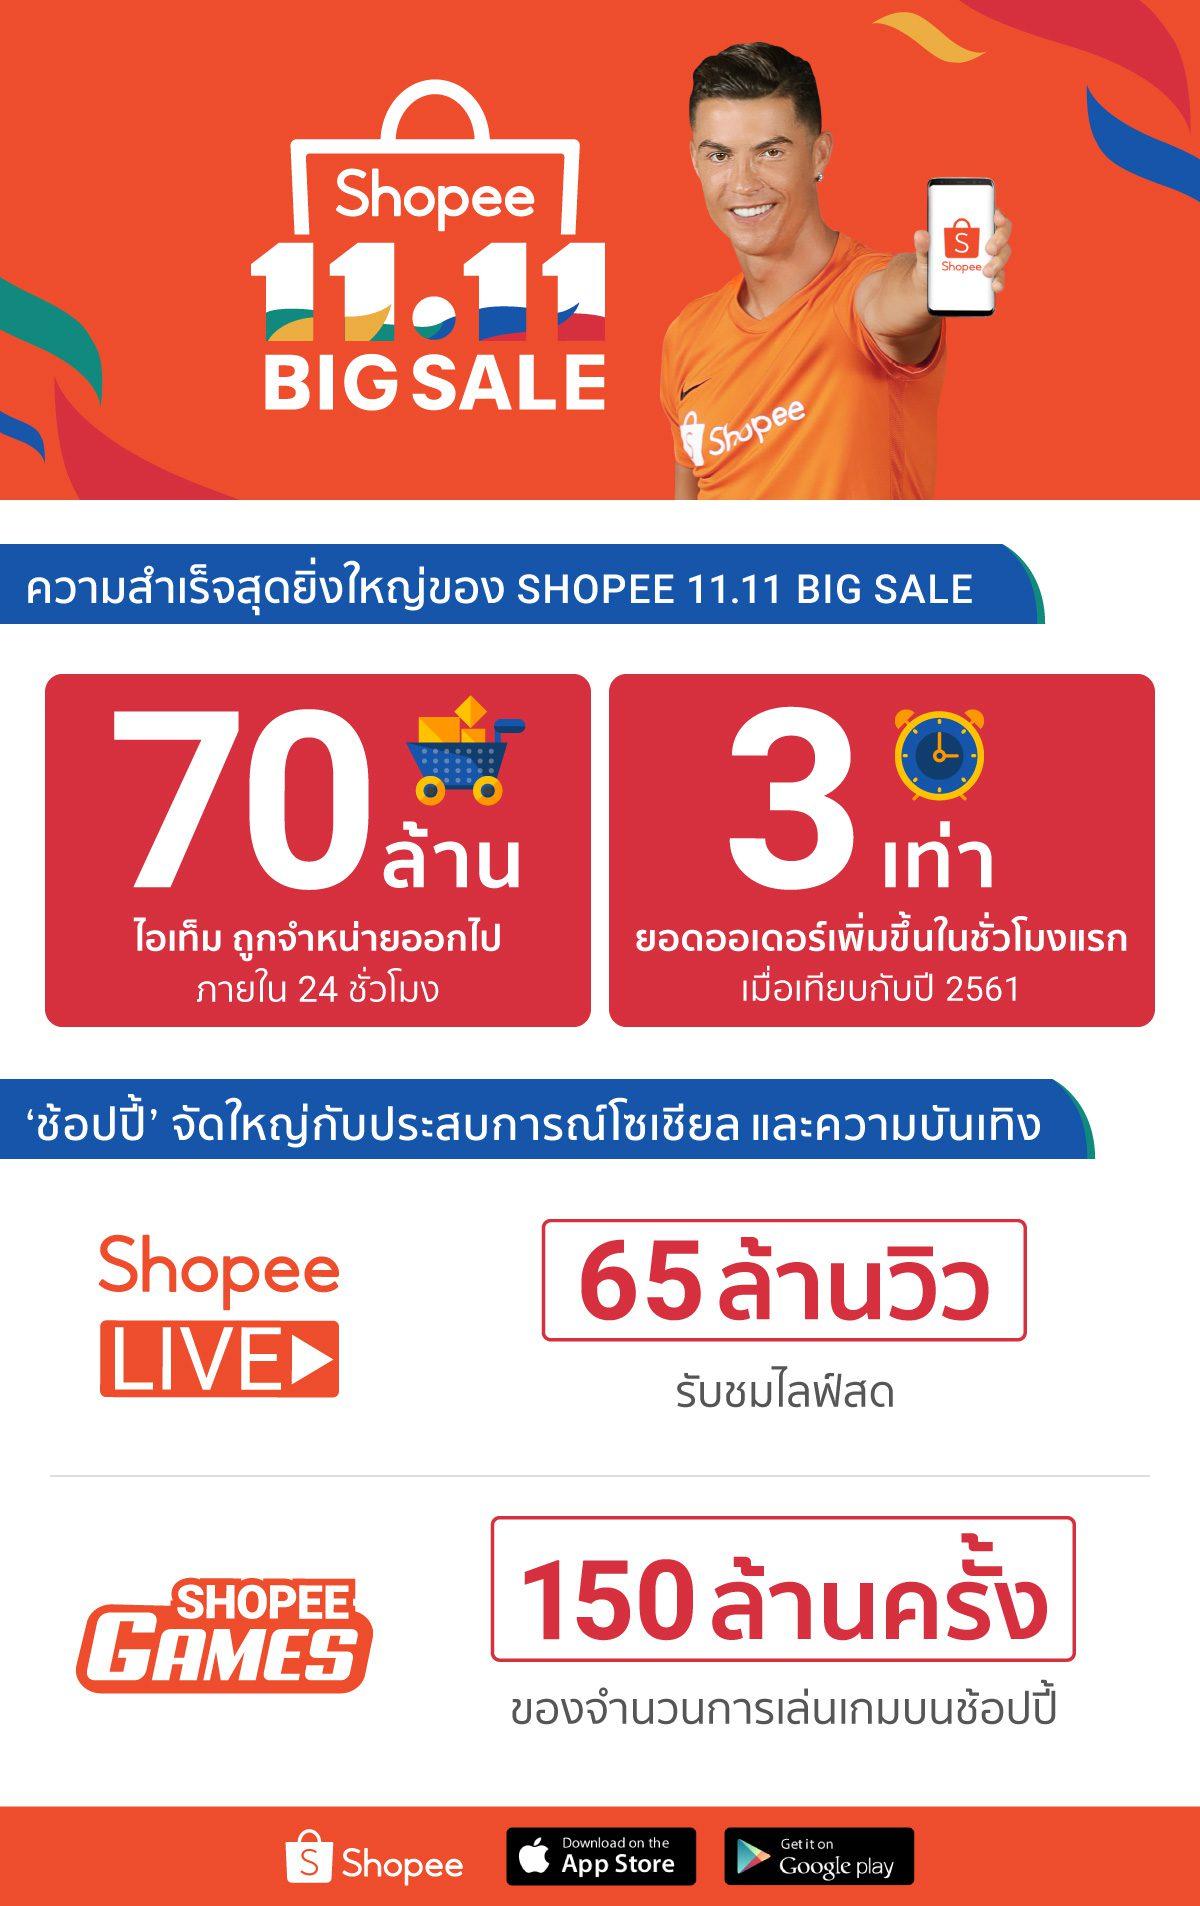 'ช้อปปี้' สร้างประวัติศาสตร์ความสำเร็จสุดยิ่งใหญ่ ในแคมเปญ Shopee 11.11 Big Sale ด้วยยอดขาย 70 ล้านชิ้น ในวันที่ 11 พฤศจิกายน